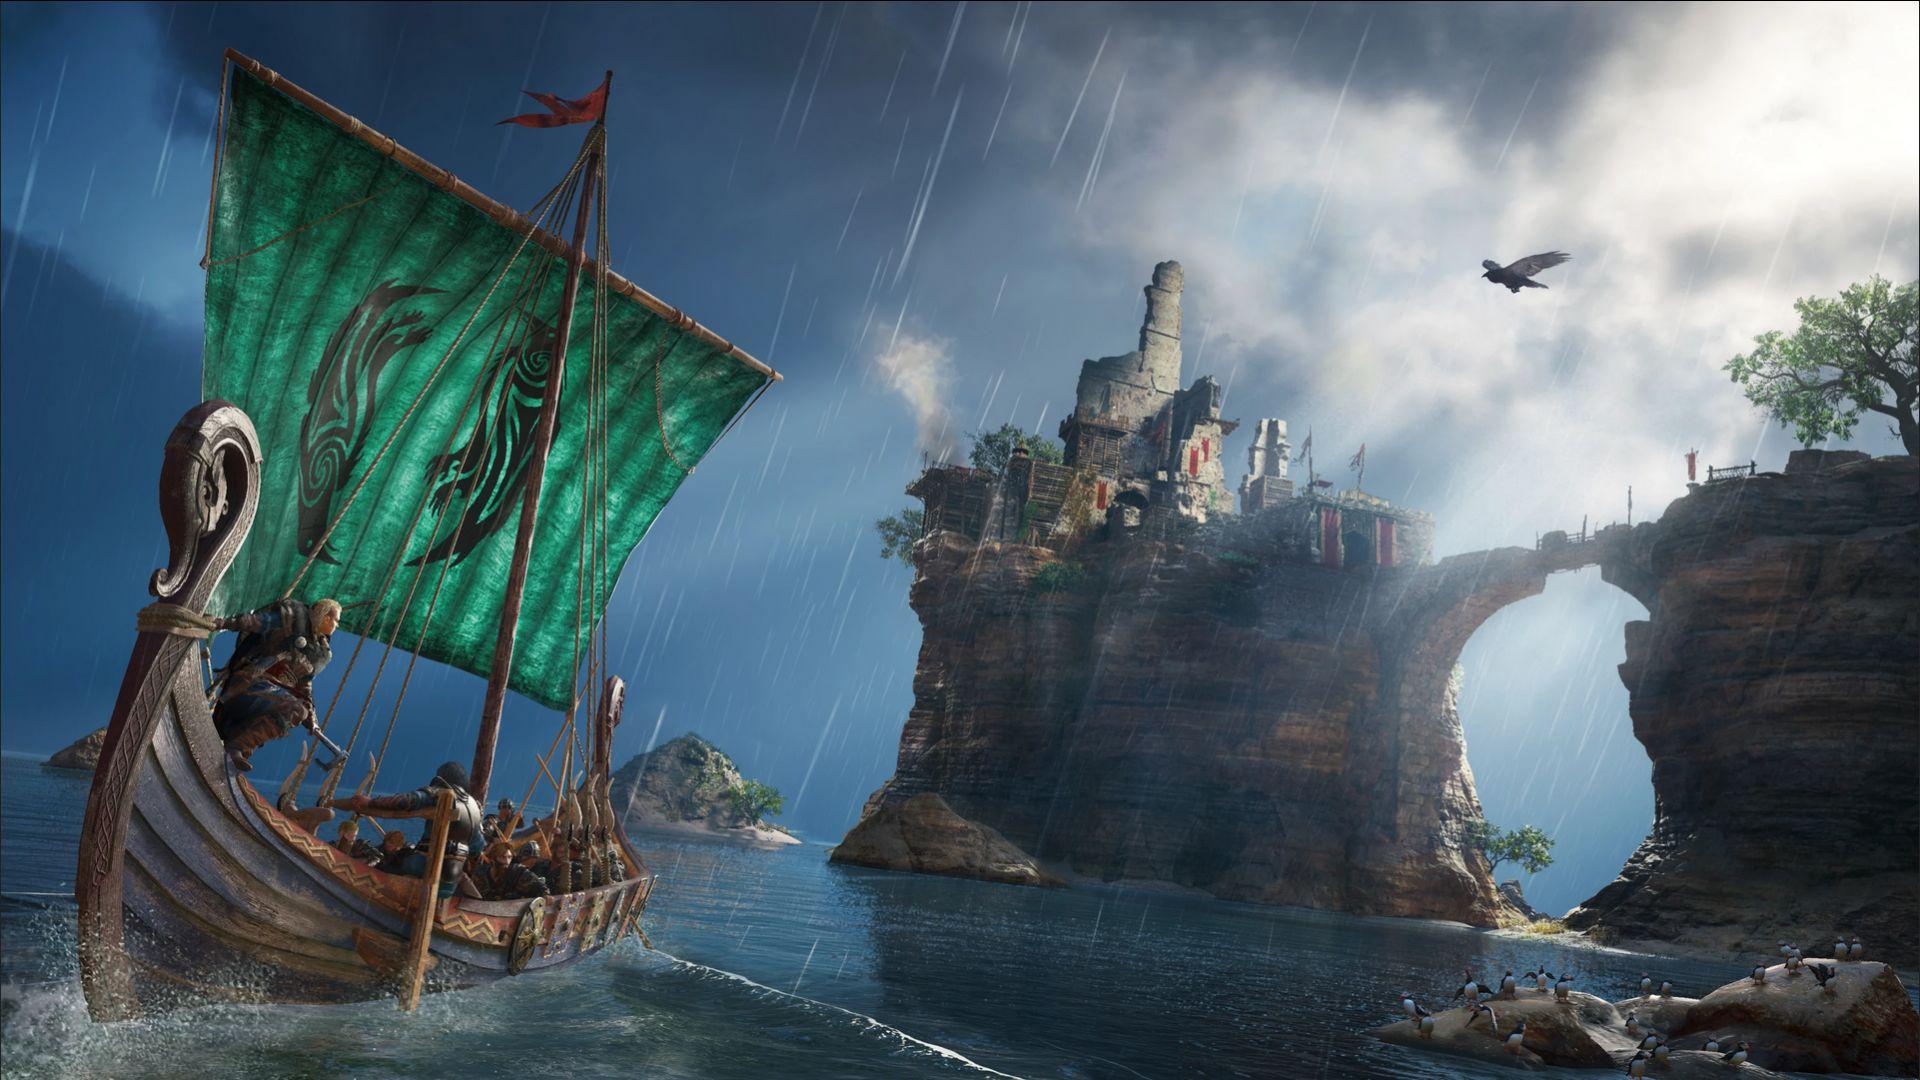 La mitologia norrena e le sue usanze nel nuovo video di Assasin's Creed: Valhalla